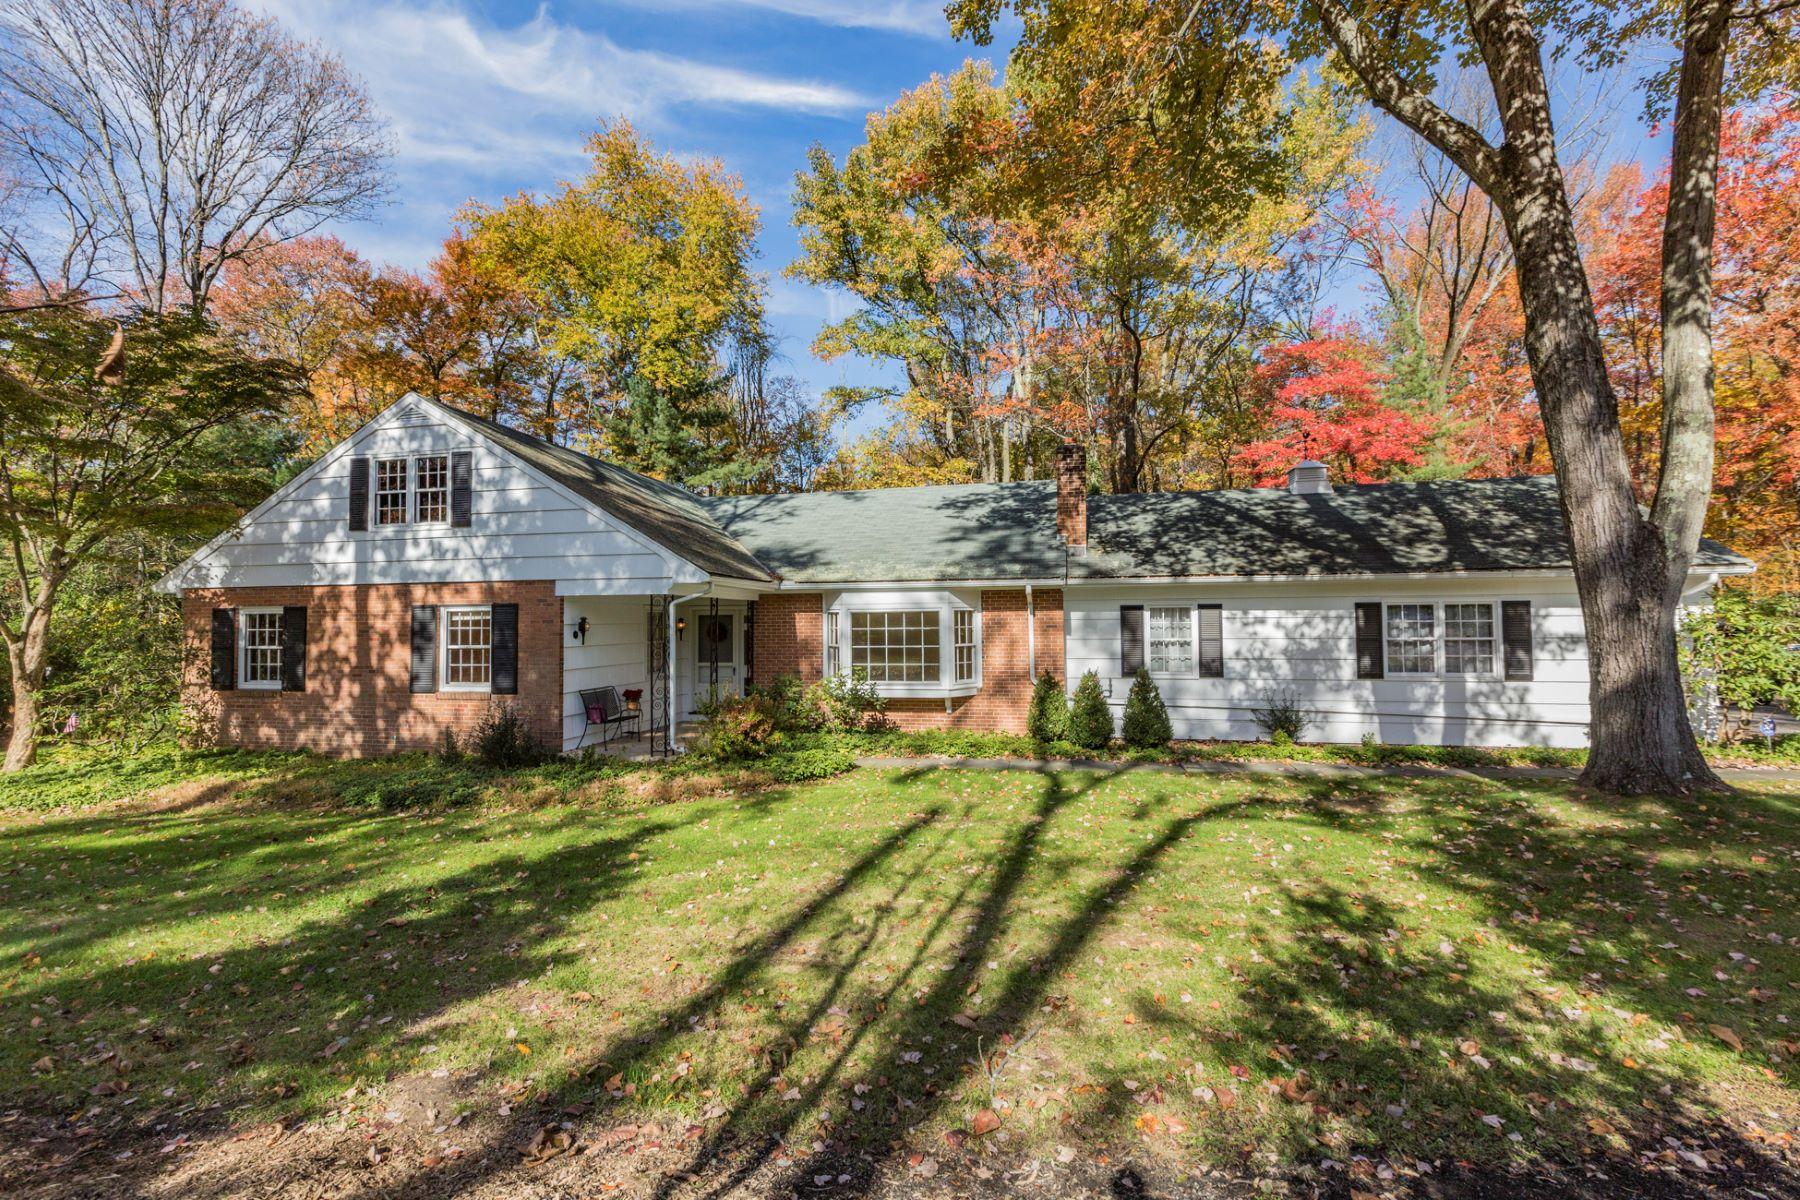 独户住宅 为 销售 在 Expanded Ranch Delights with Warmth and Potential - Lawrence Township 6 Van Kirk Road 普林斯顿, 新泽西州, 08540 美国